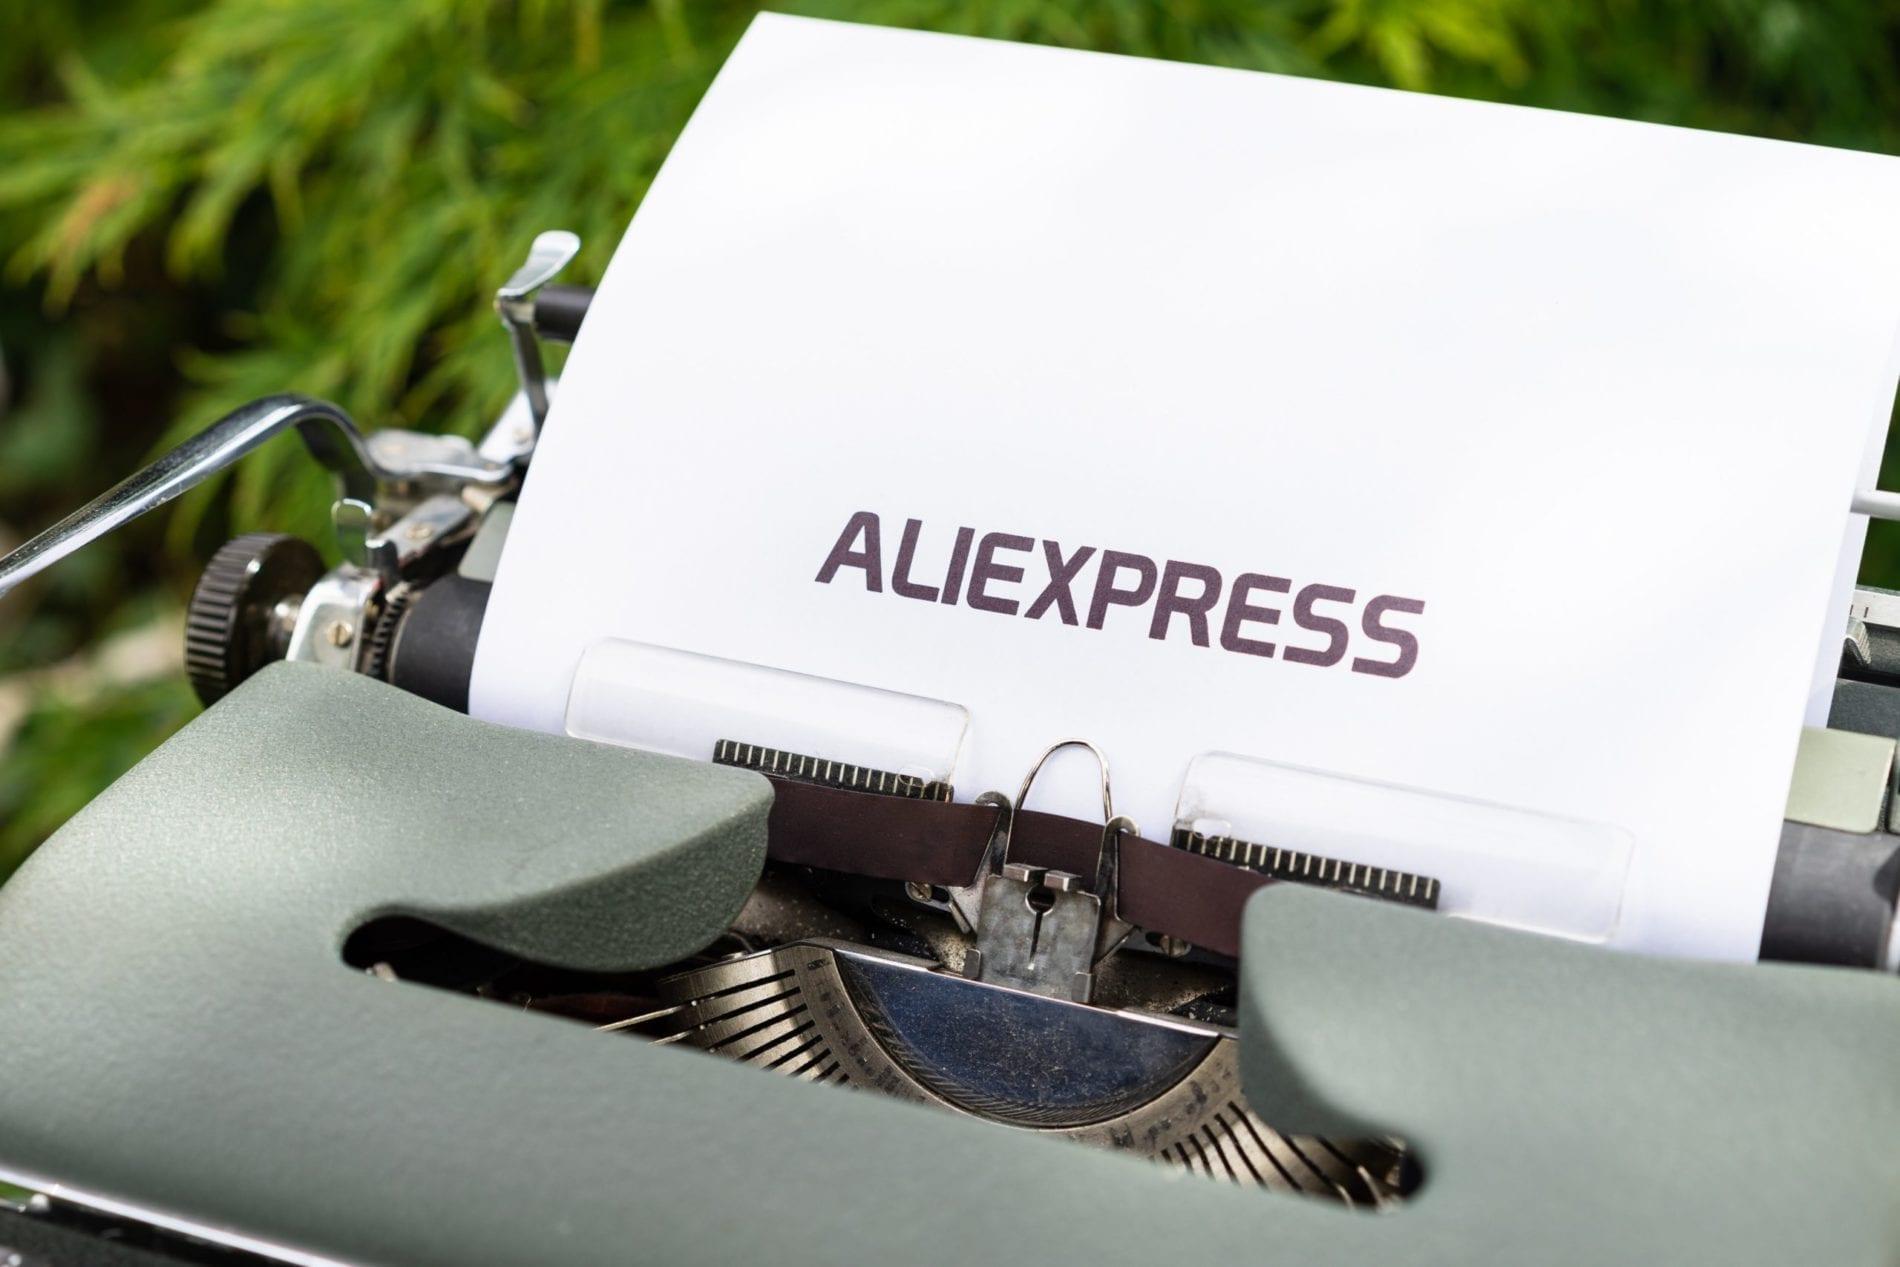 maszyna-kartka-aliexpress